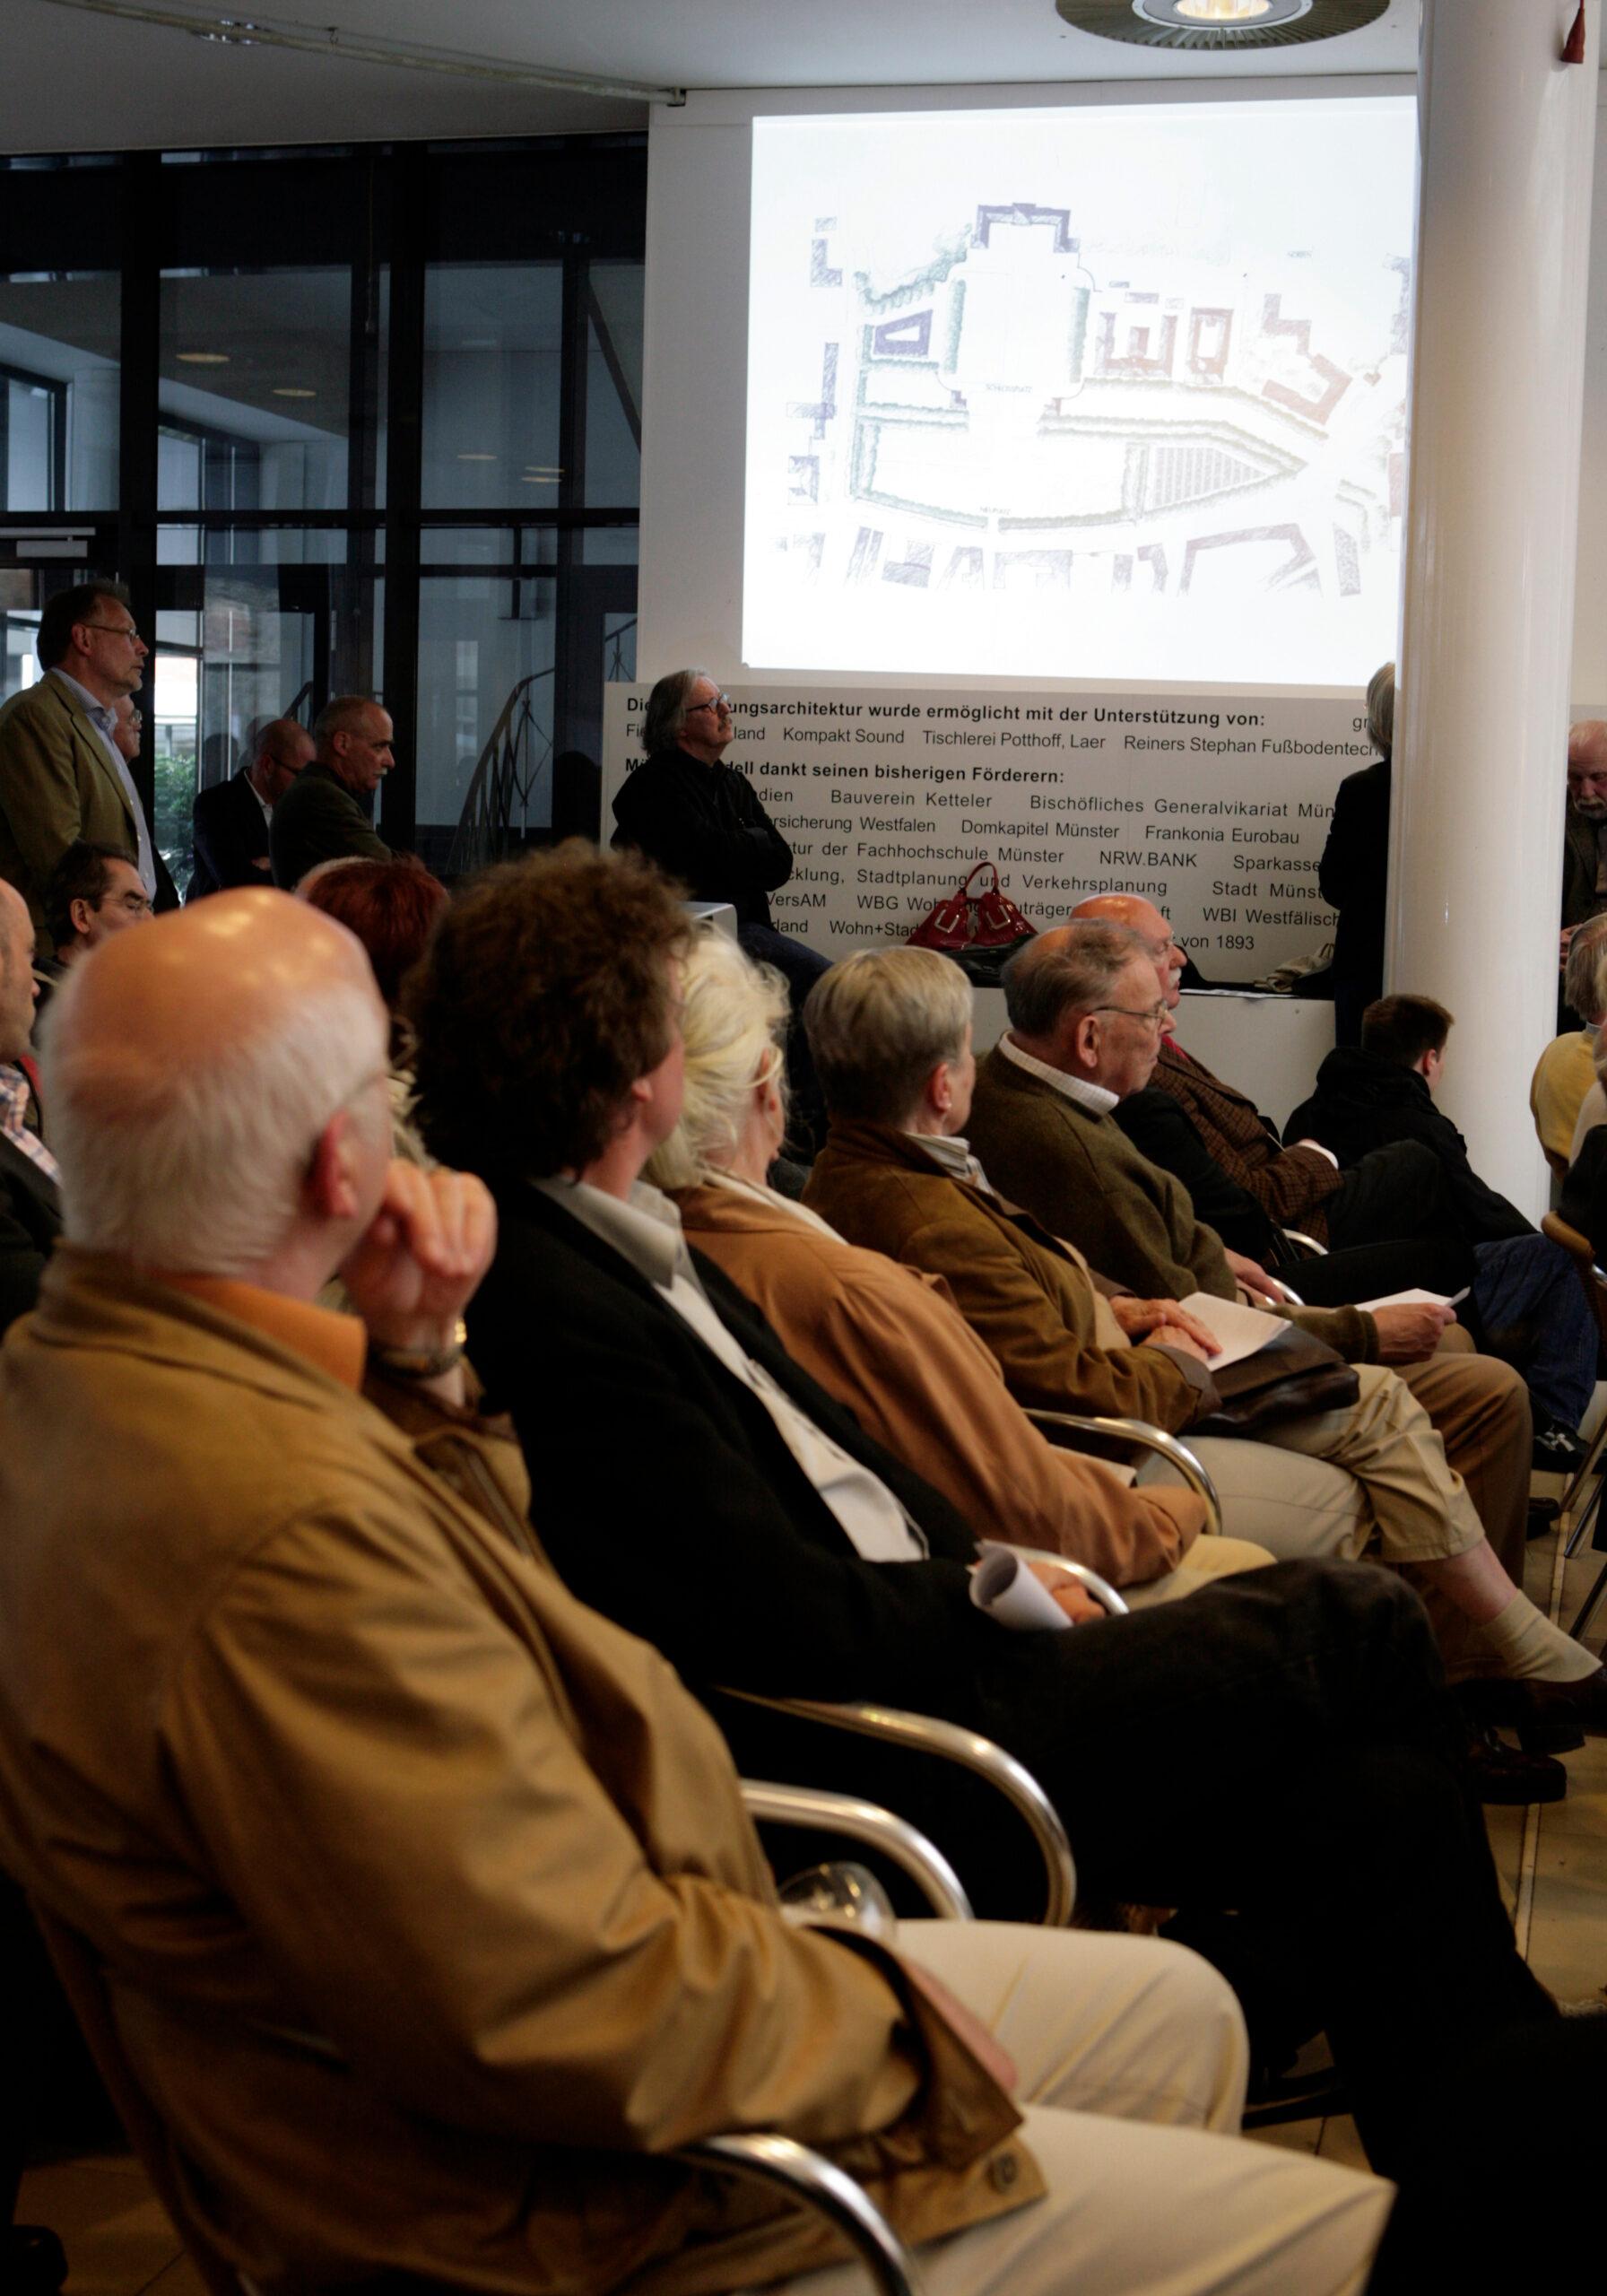 Münster Modell: Ortstermin 5 - Podiumdiskussion um den Hindenburgplatz (2008) - Entwurf von Dieter G. Baumewerd - Foto: MünsterView/Tronquet